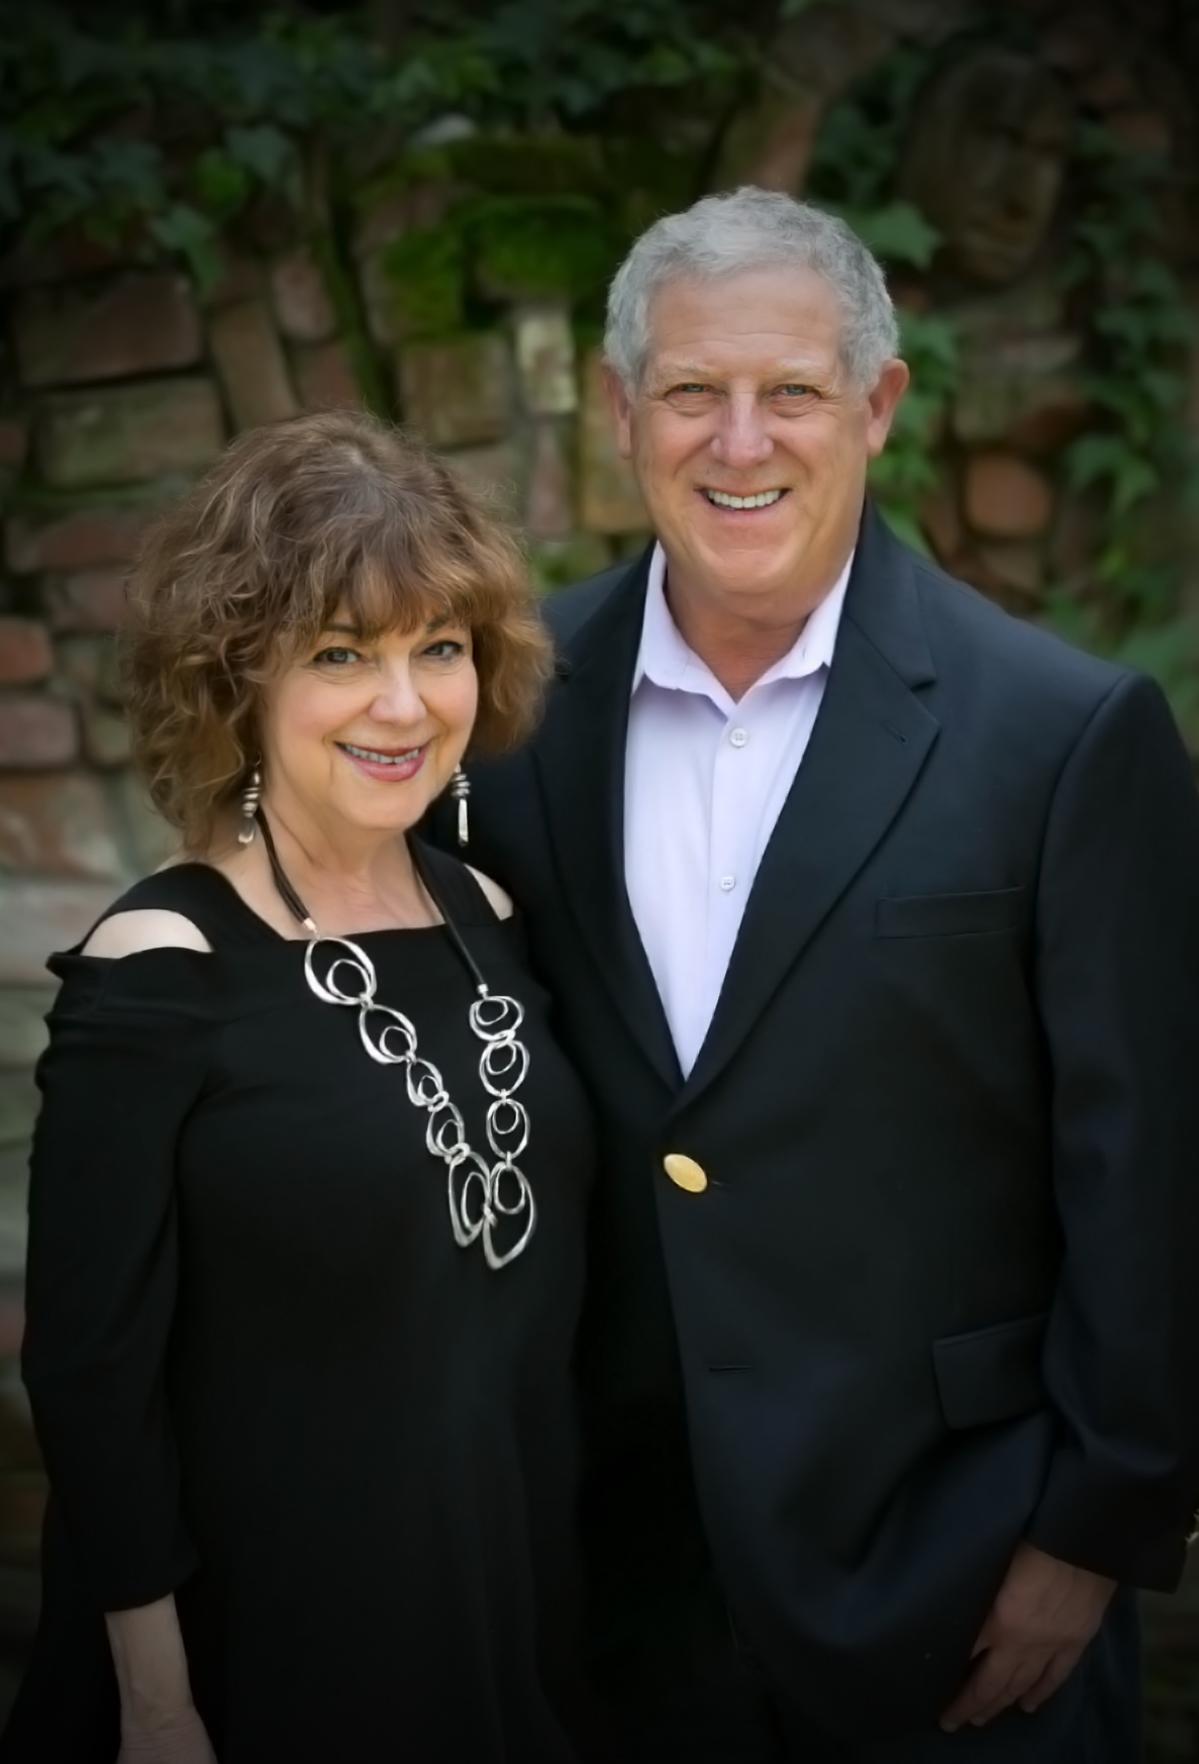 Michael & Jackie Gerry